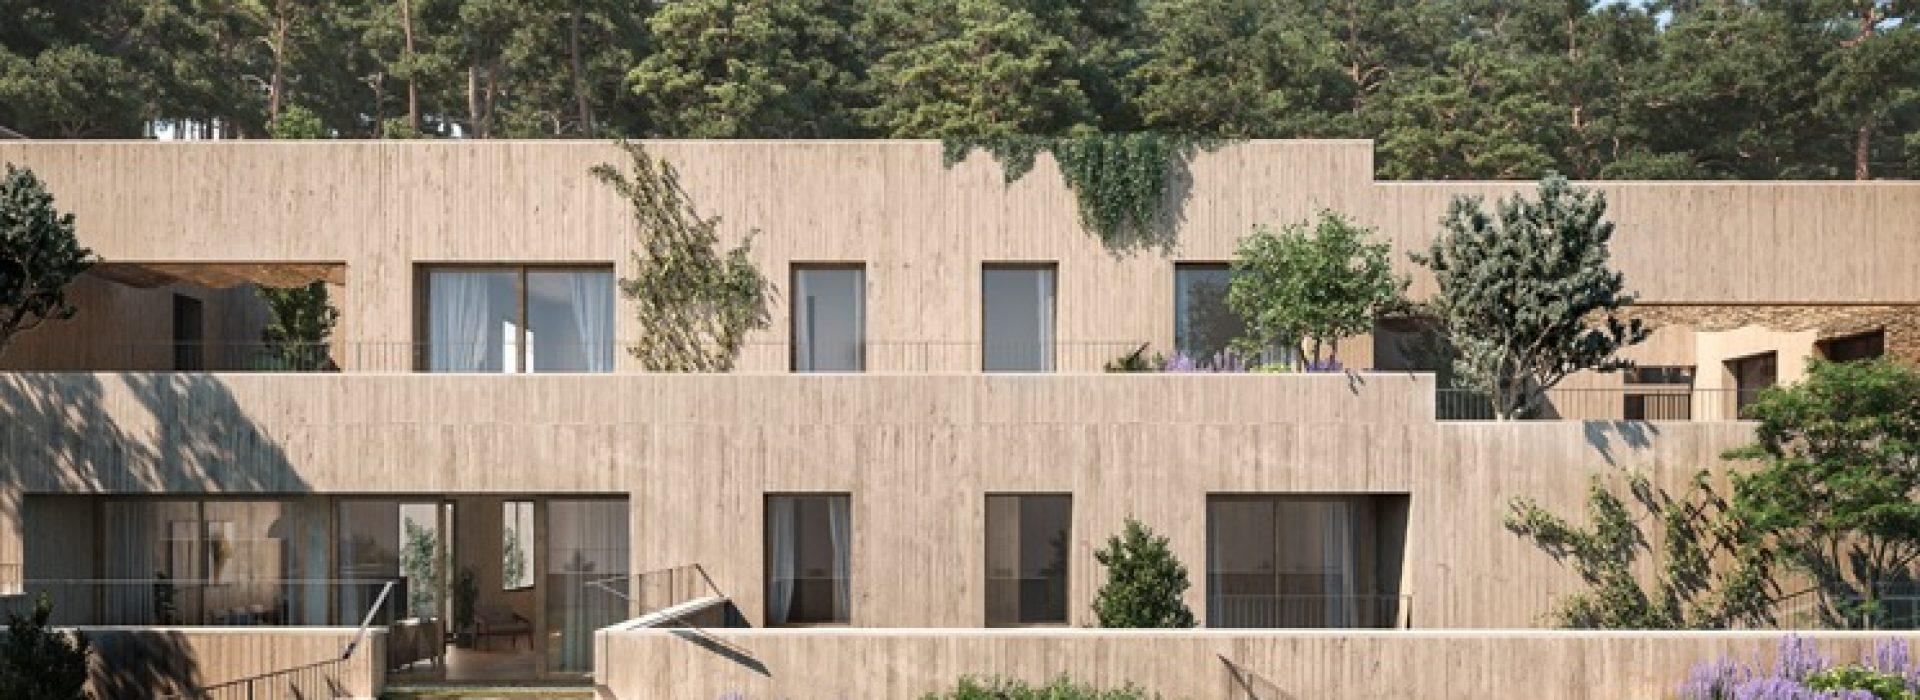 Exteriores Jardins de Sa Riera, promoción inmobiliaria de obra nueva que comercializa TR Grupo Inmobiliario